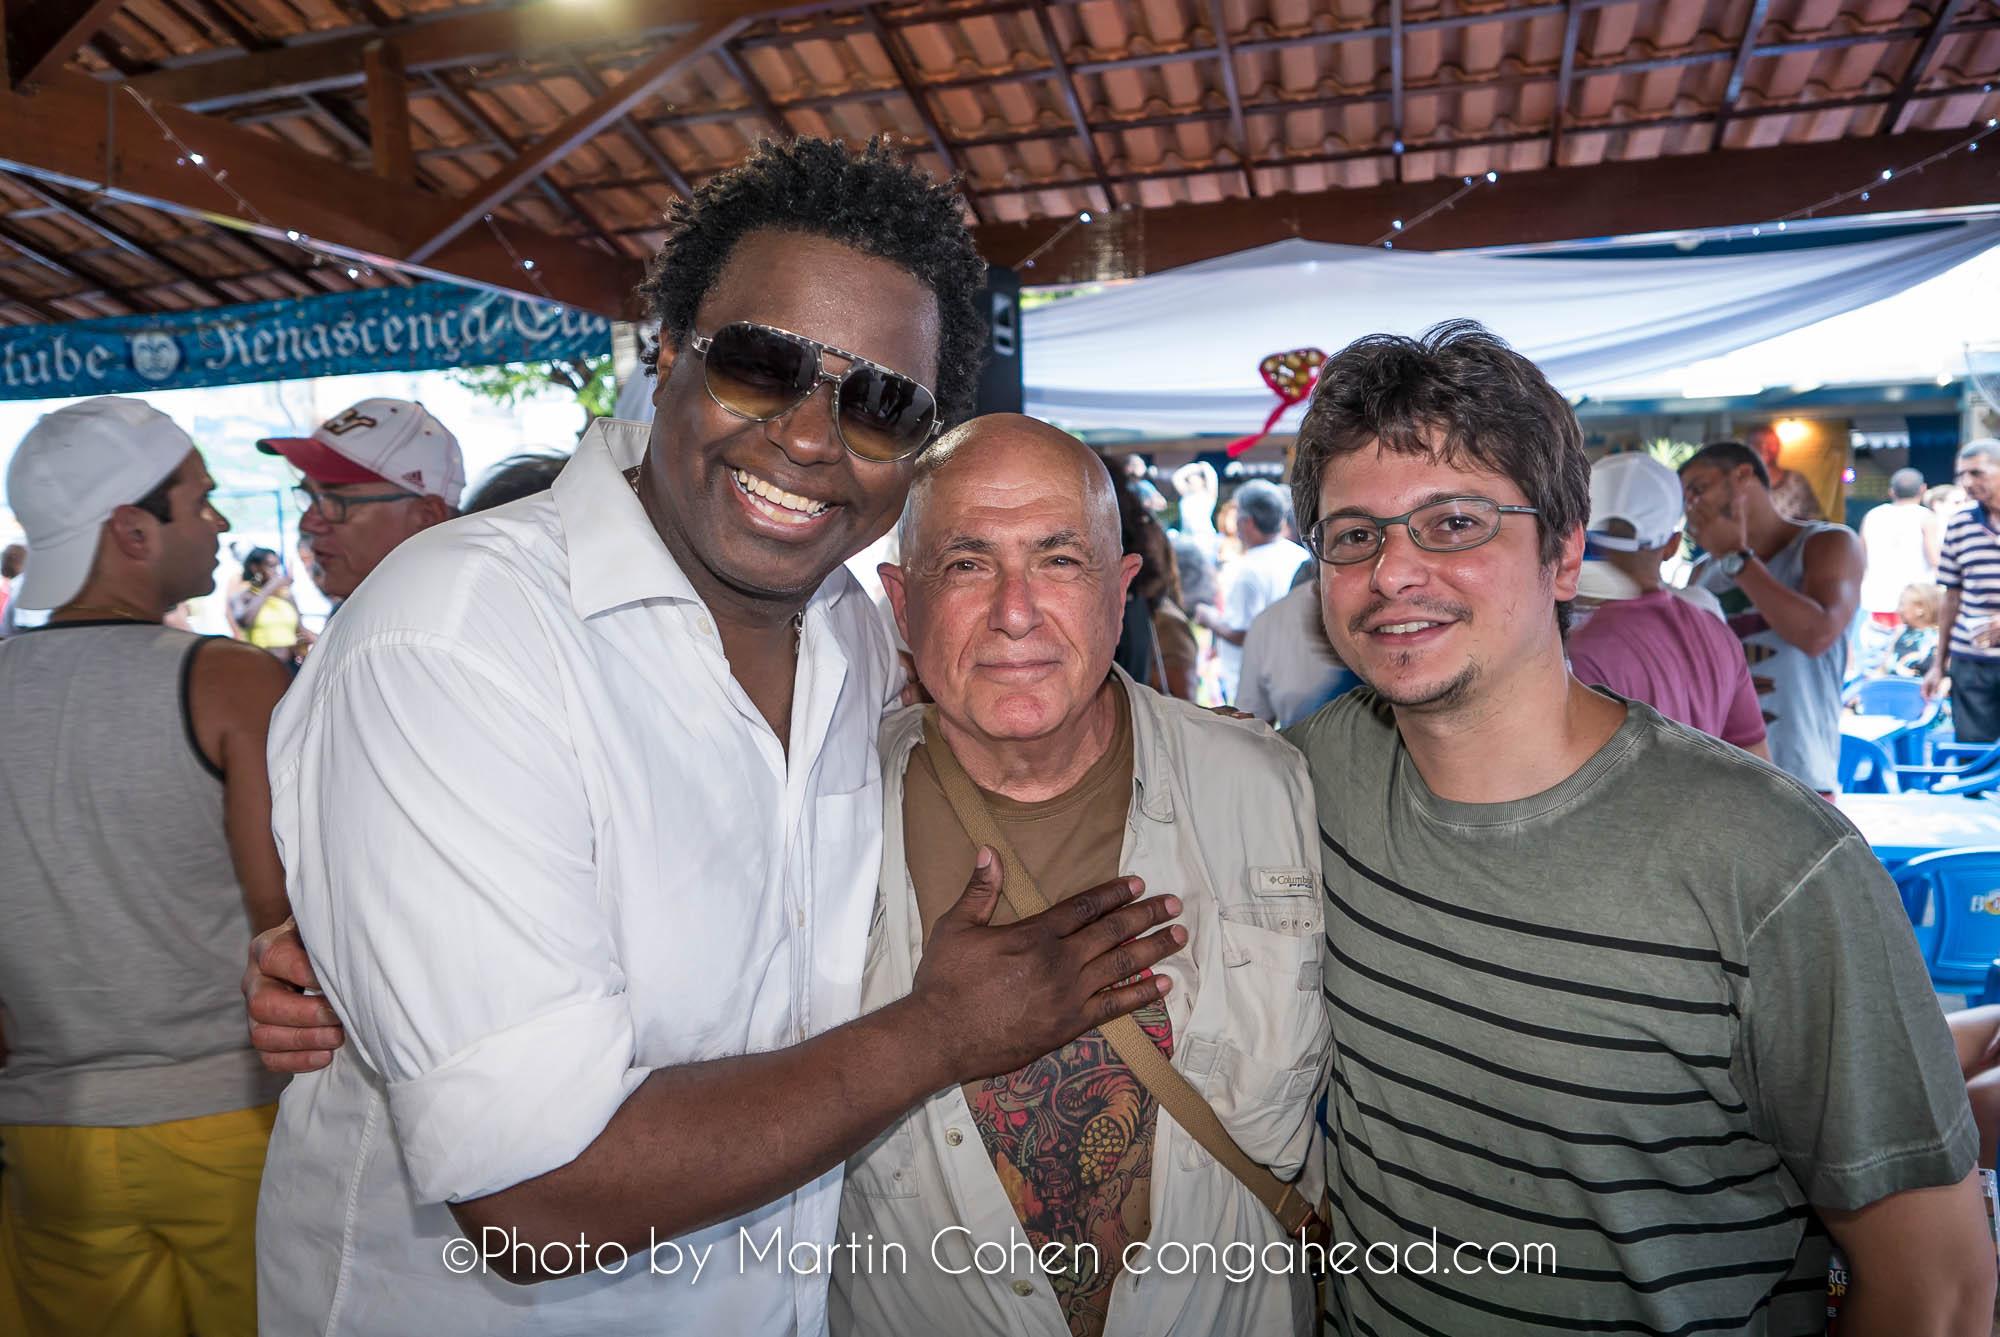 Marcelinho Moreira, Martin Cohen and Bernardo Agular